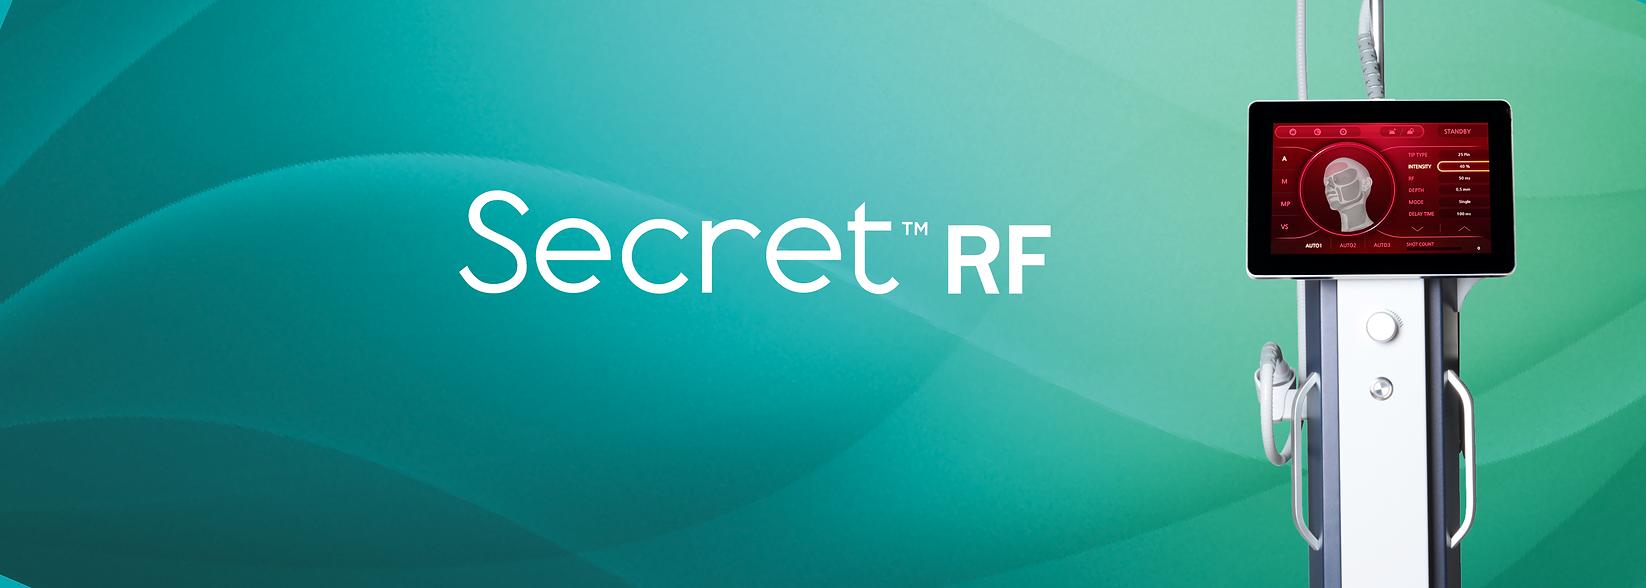 Secret Rf header uk10.png